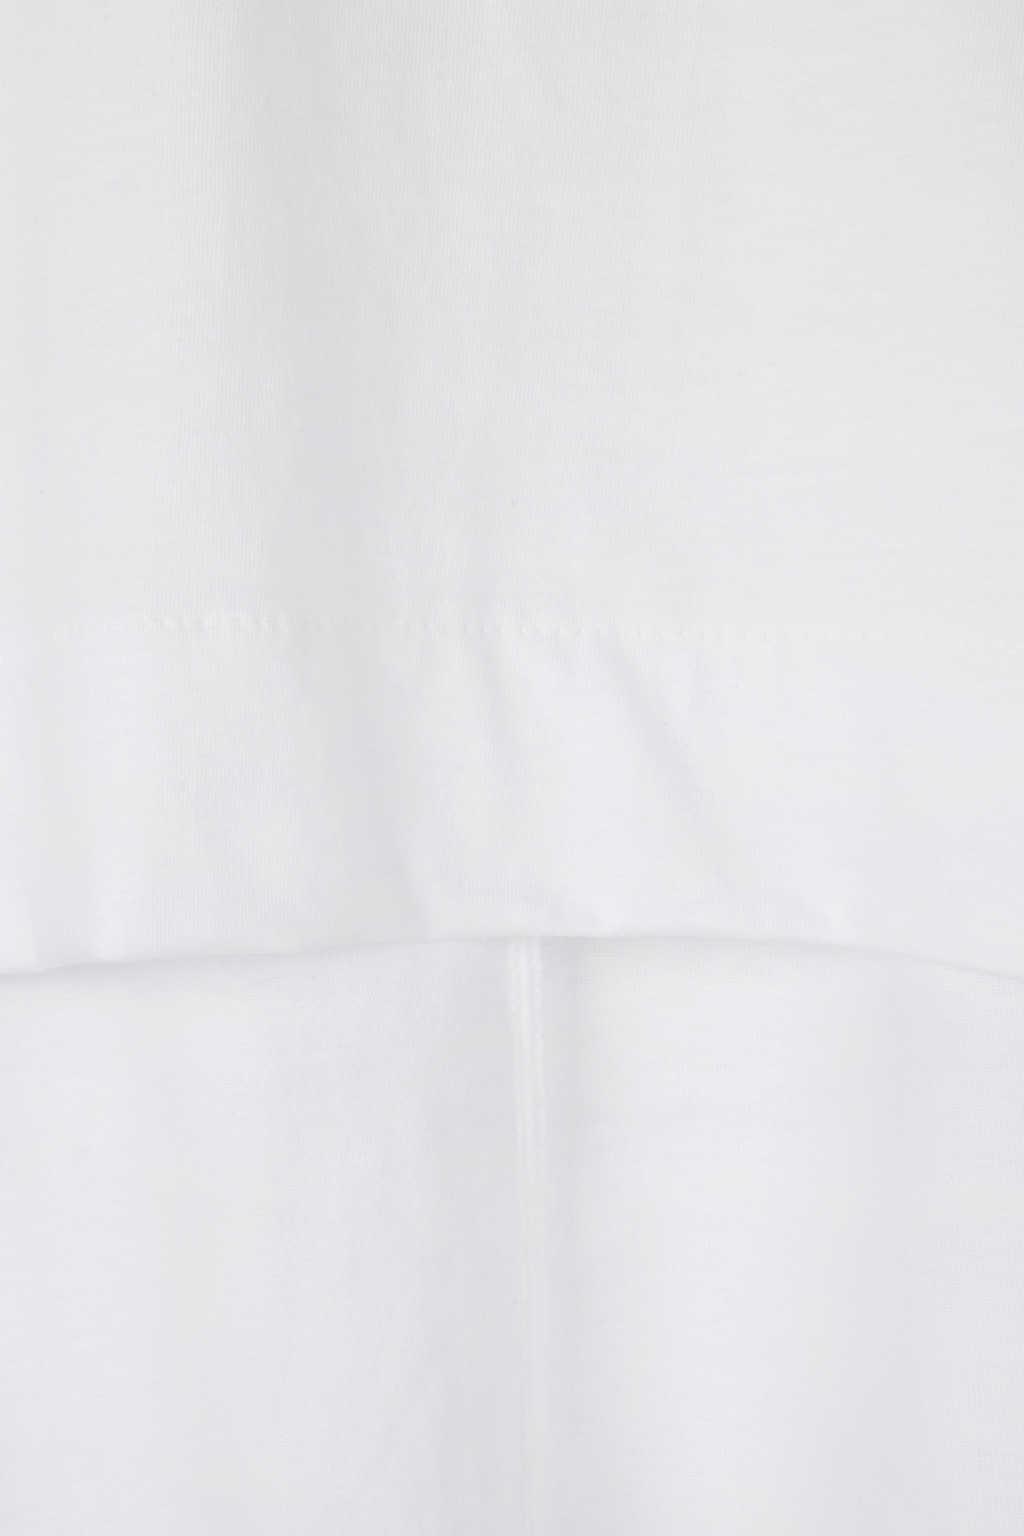 TShirt K151 White 10